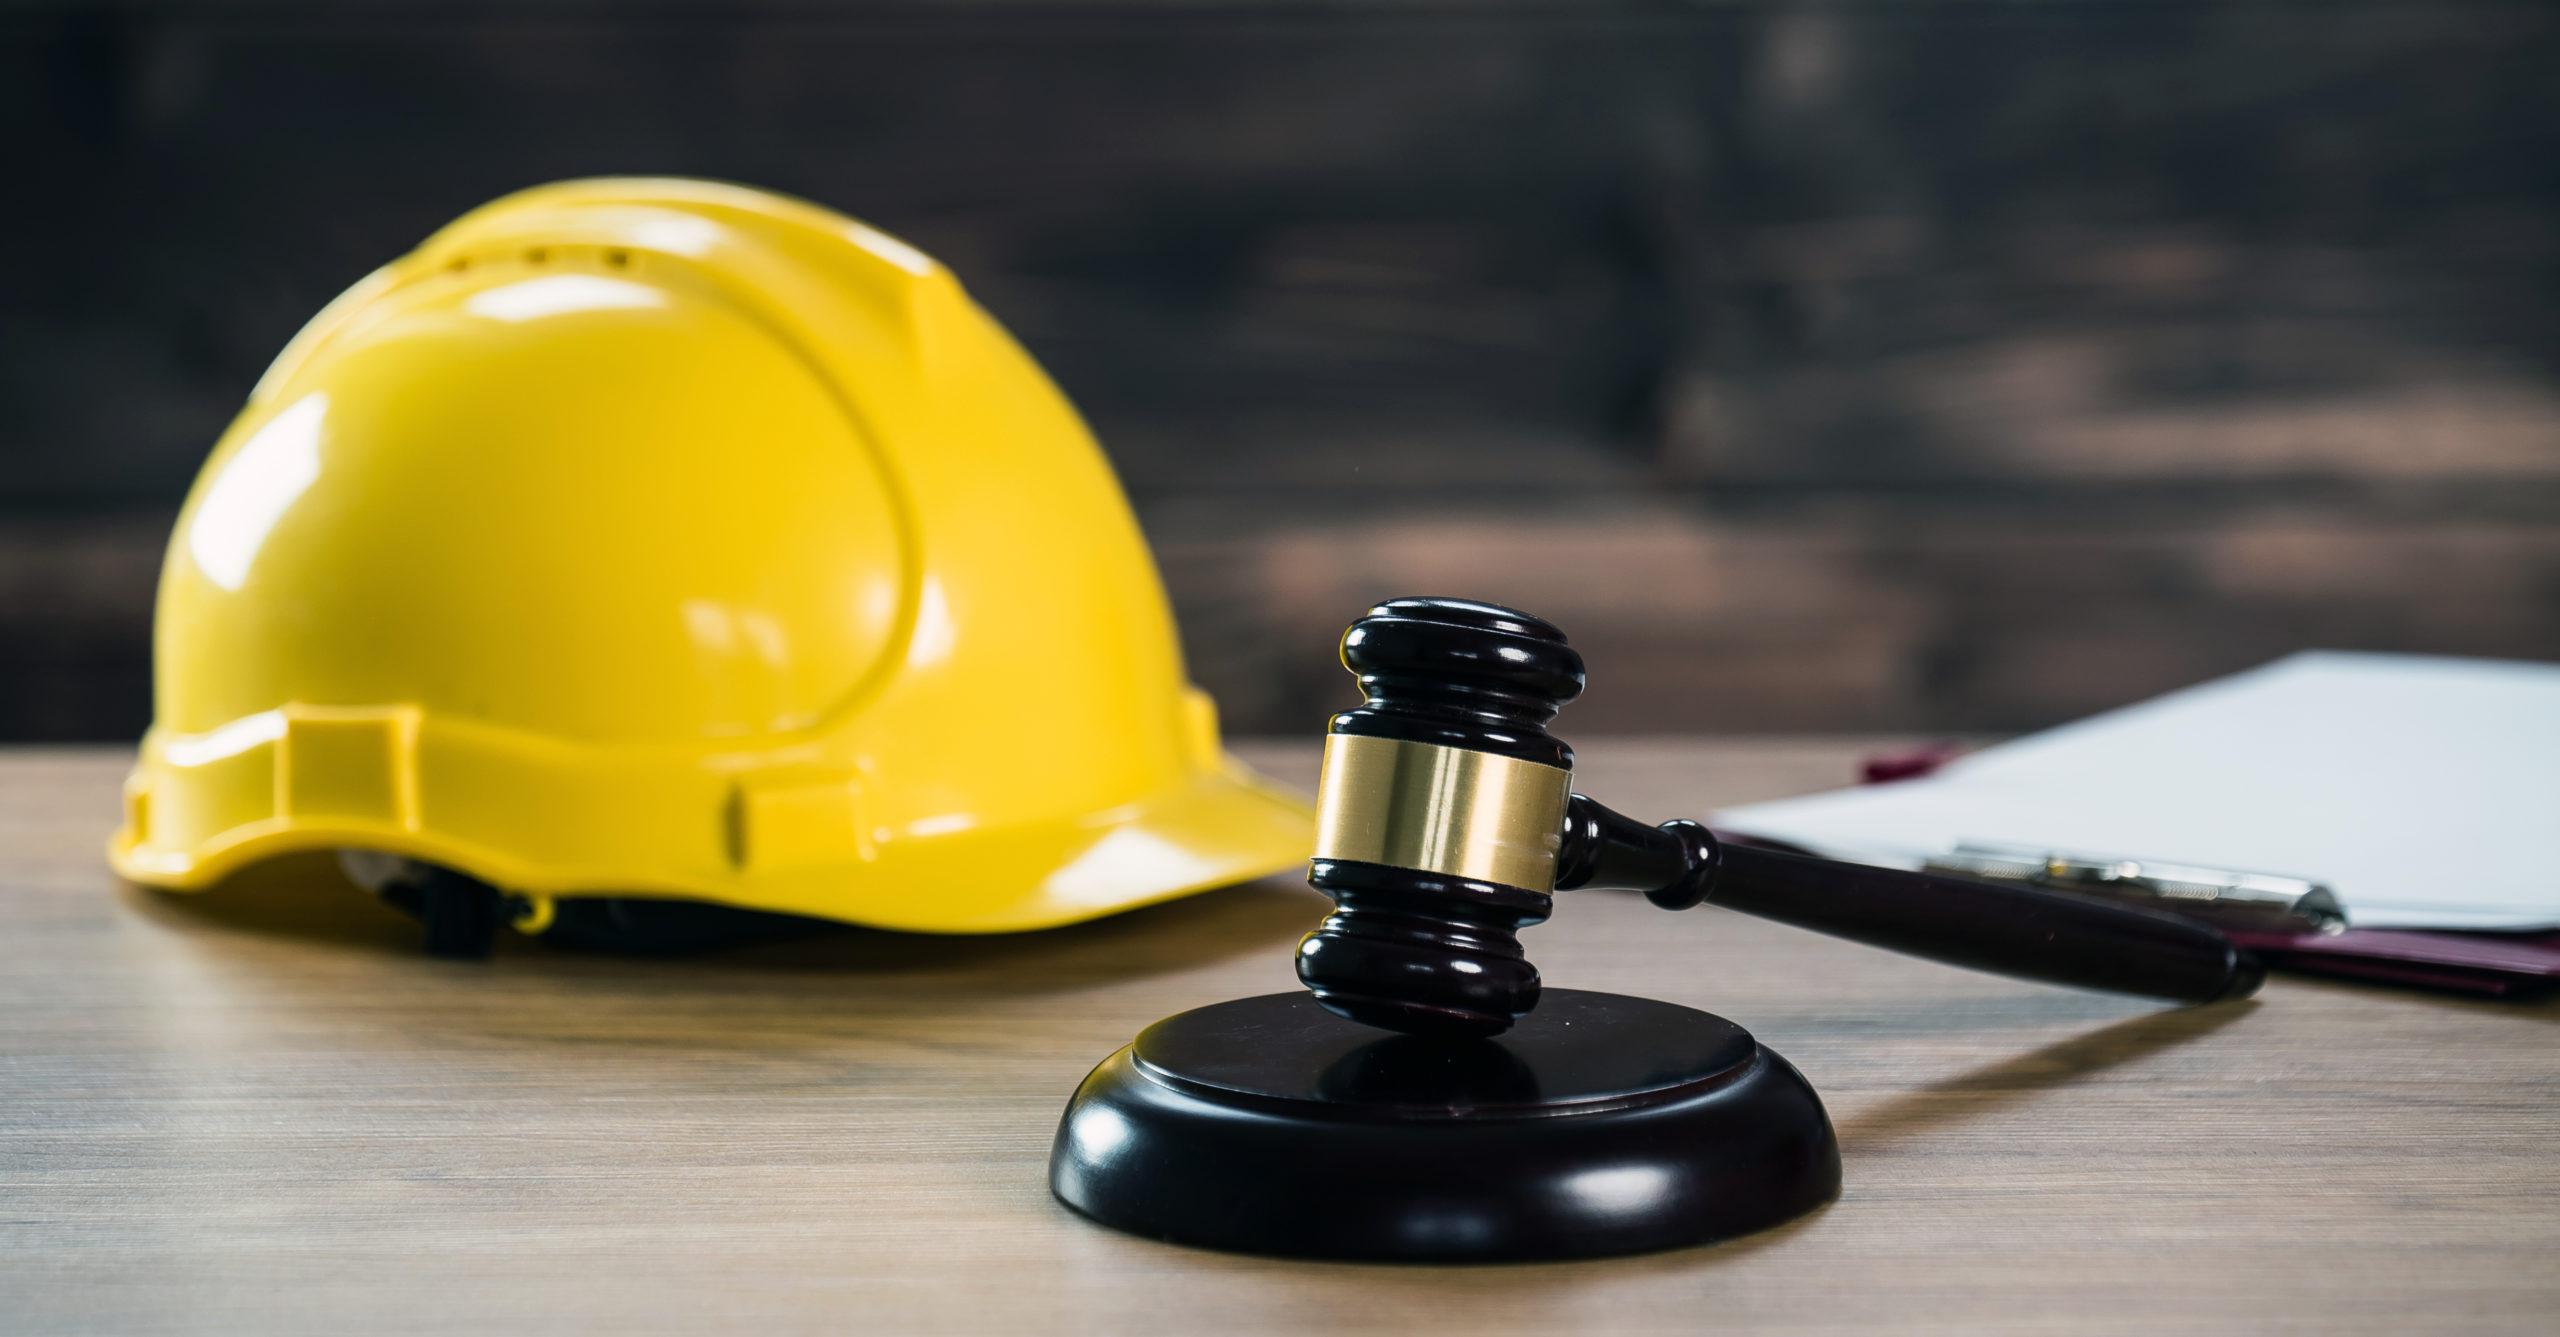 Gesetze und Verordnungen im Arbeitsschutz: Alle wichtigen Infos auf einen Blick